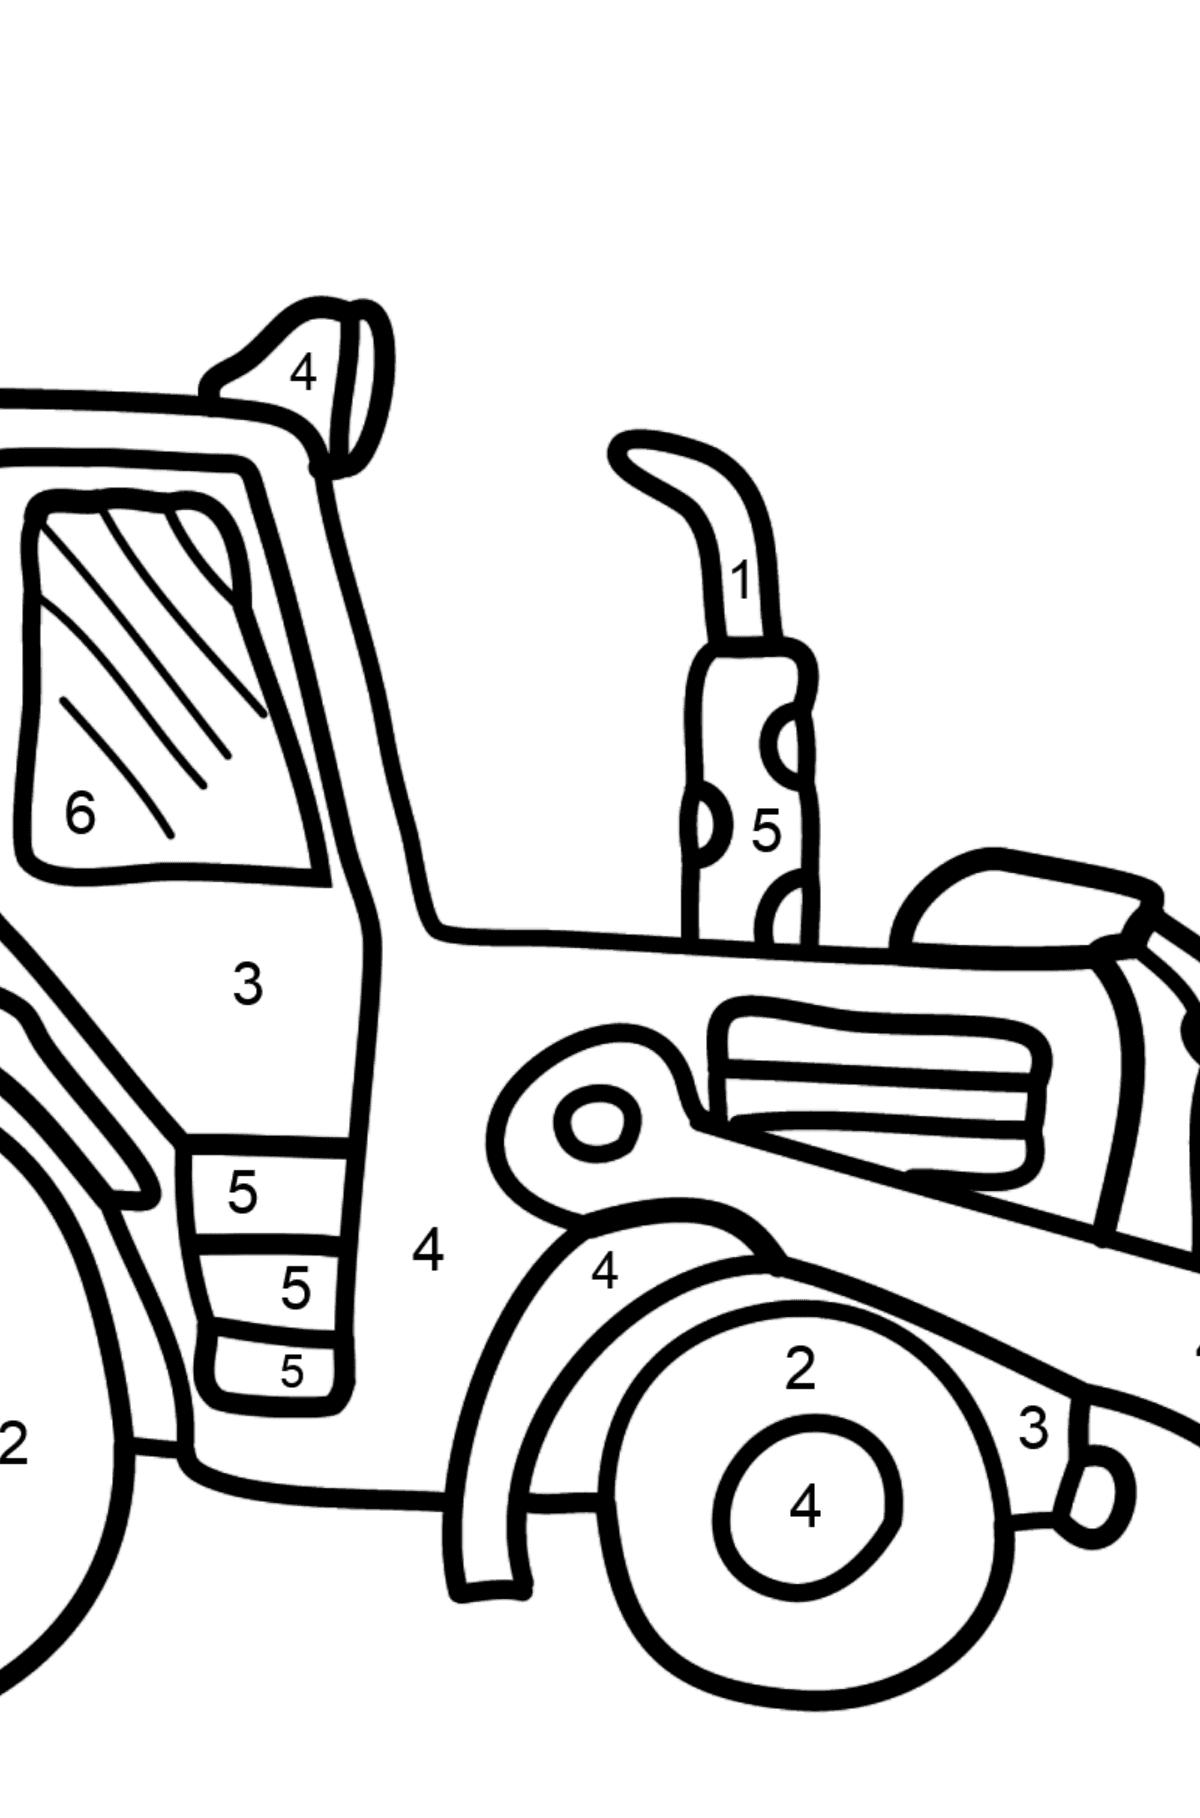 Coloriage - Un tracteur jaune - Coloriage par Chiffres pour les Enfants